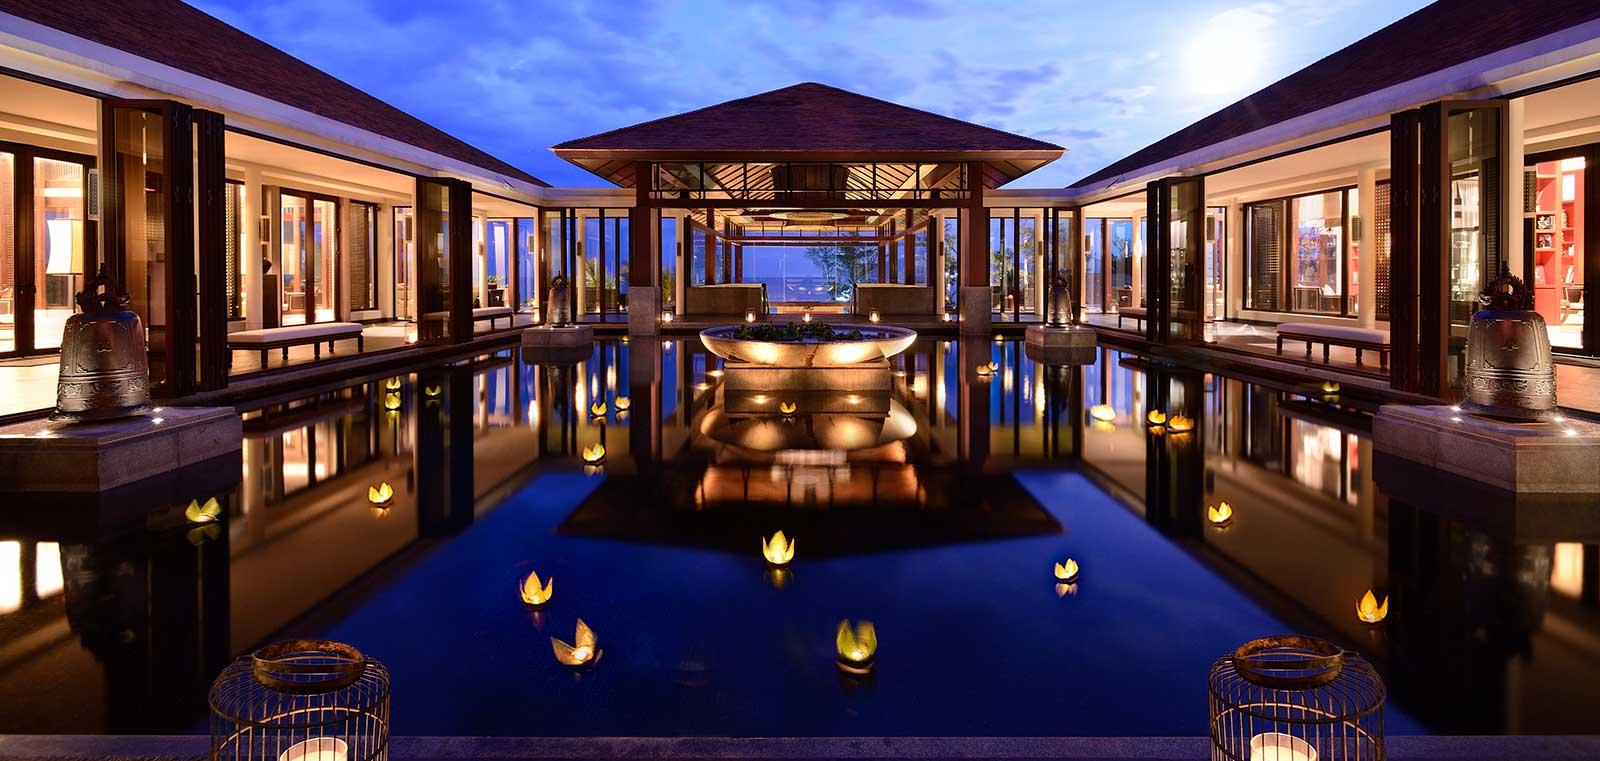 Khu nghỉ dưỡng Banyan Tree Lăng Cô, Lăng Cô resort, Huế (đại sảnh)